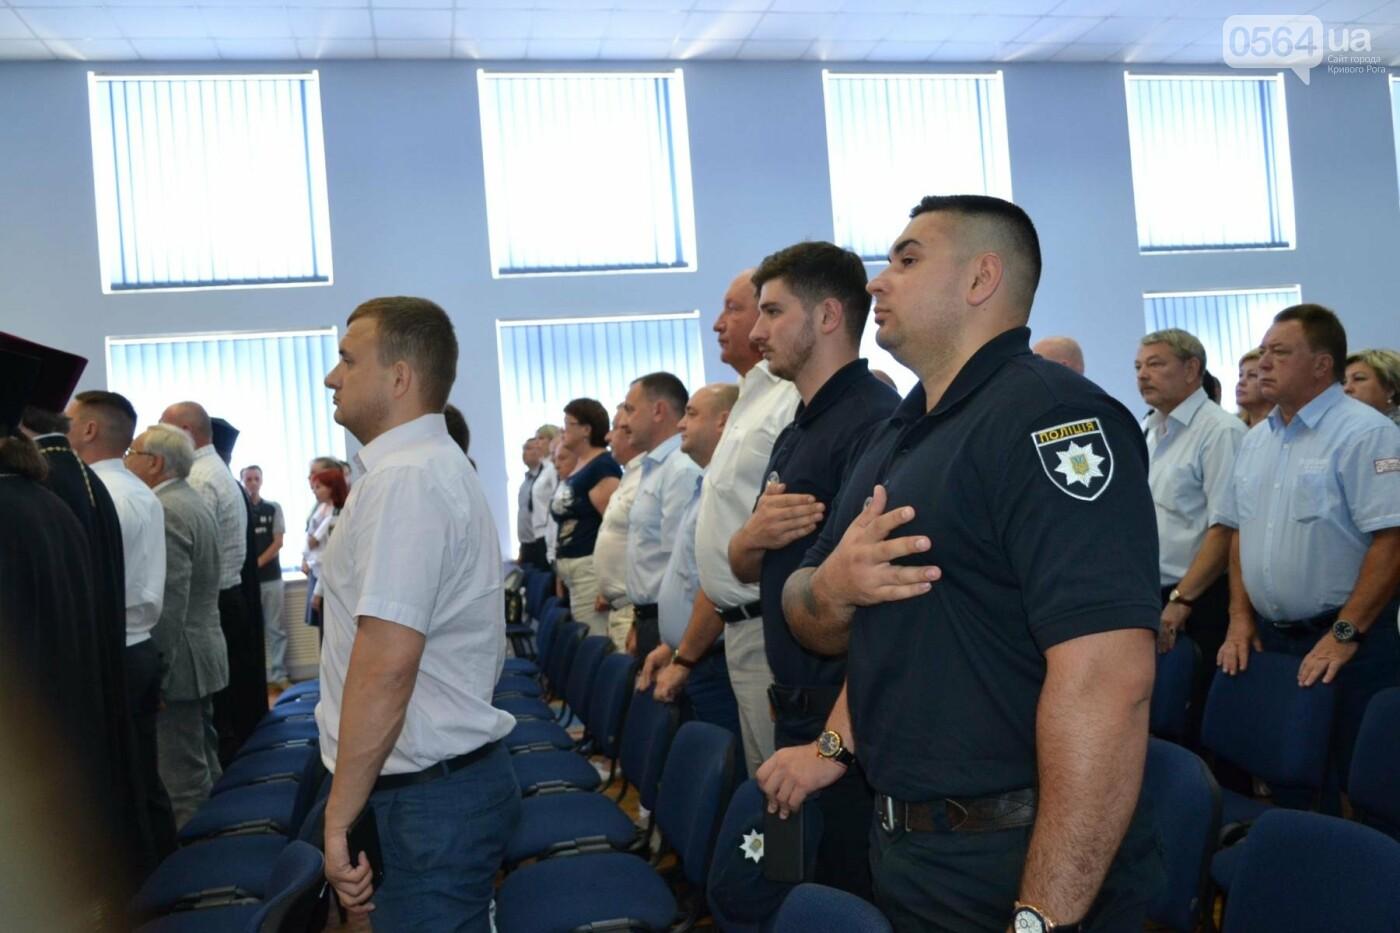 Криворожских полицейских поздравили с профессиональным праздником, - ФОТО, ВИДЕО, фото-2